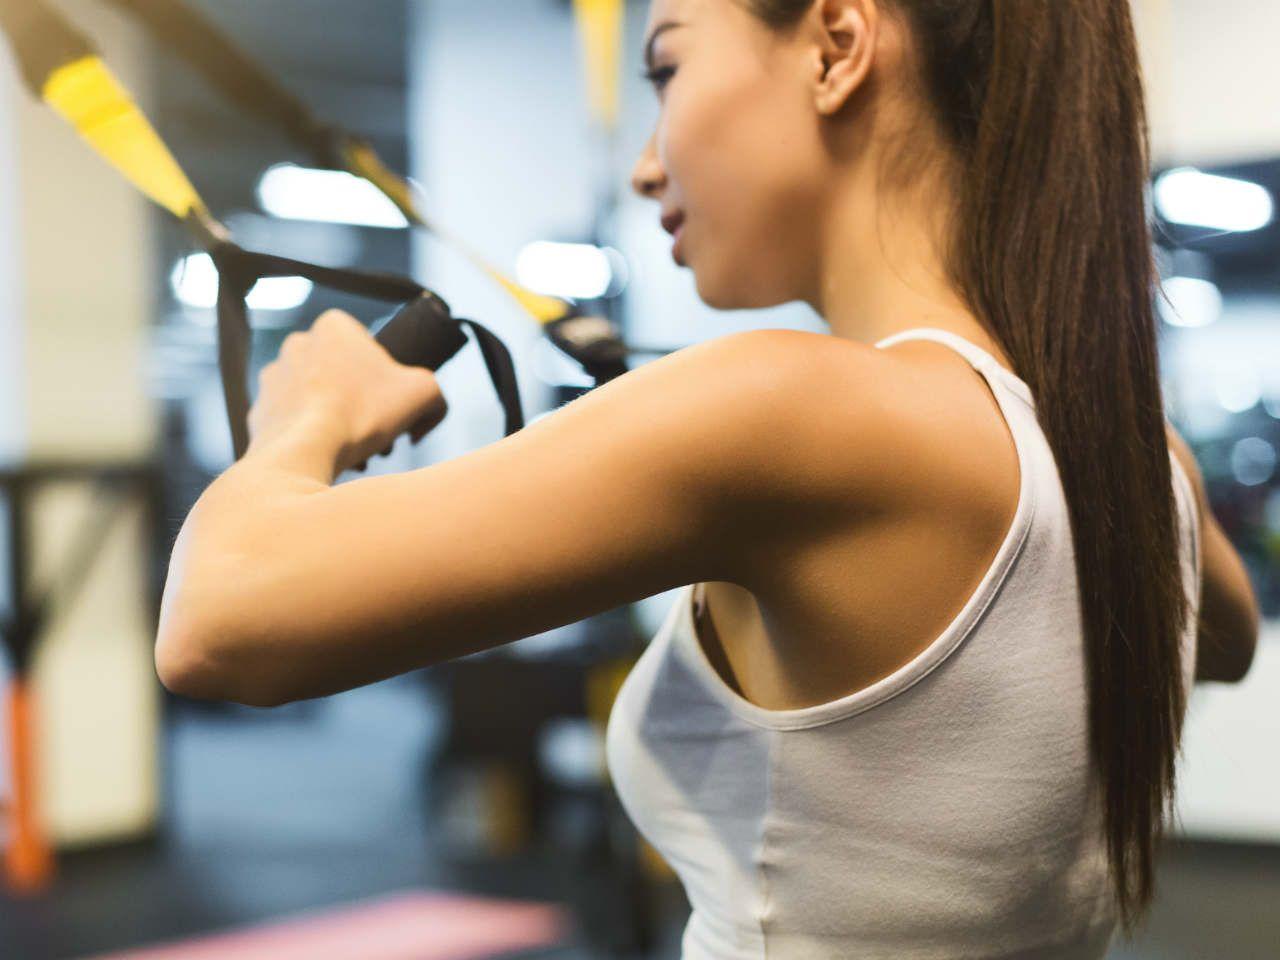 953bd2c6e6c4e7 Dzisiaj polecamy trening z wykorzystaniem taśm TRX dla kobiet. Podpowiadamy  jakie ćwiczenia wykonywać, aby mieć silne ciało, jędrne, uniesione pośladki  i ...